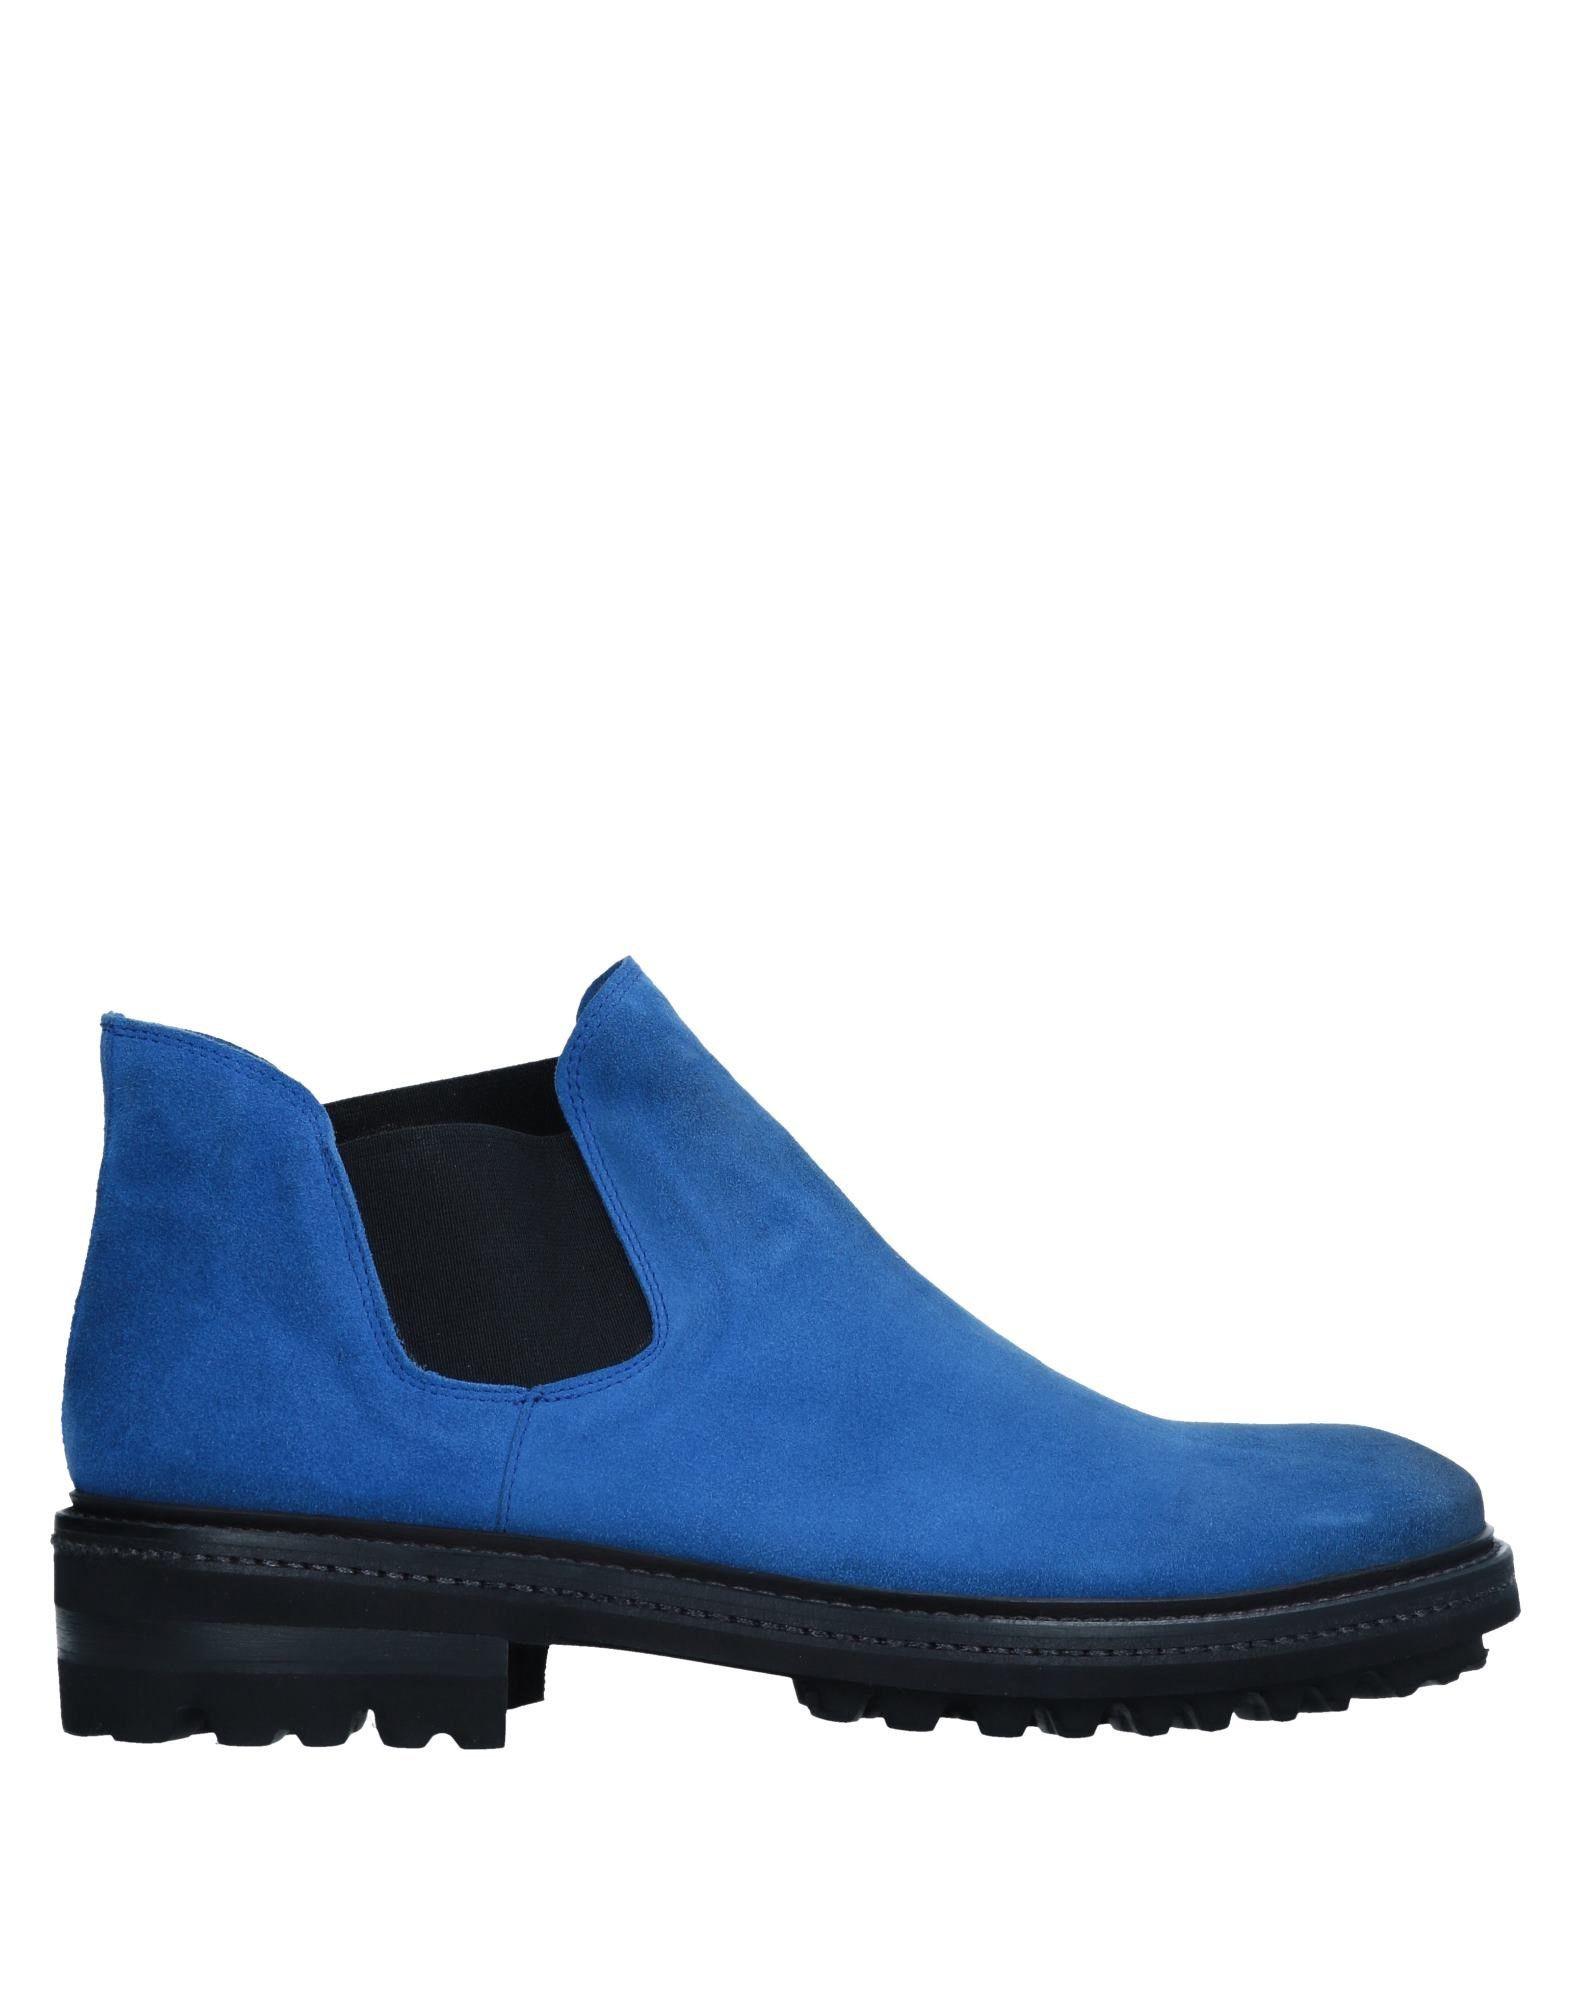 Zapato De Cordones Docksteps Hombre - - Hombre Zapatos De Cordones Docksteps  Azul oscuro 2a2d52